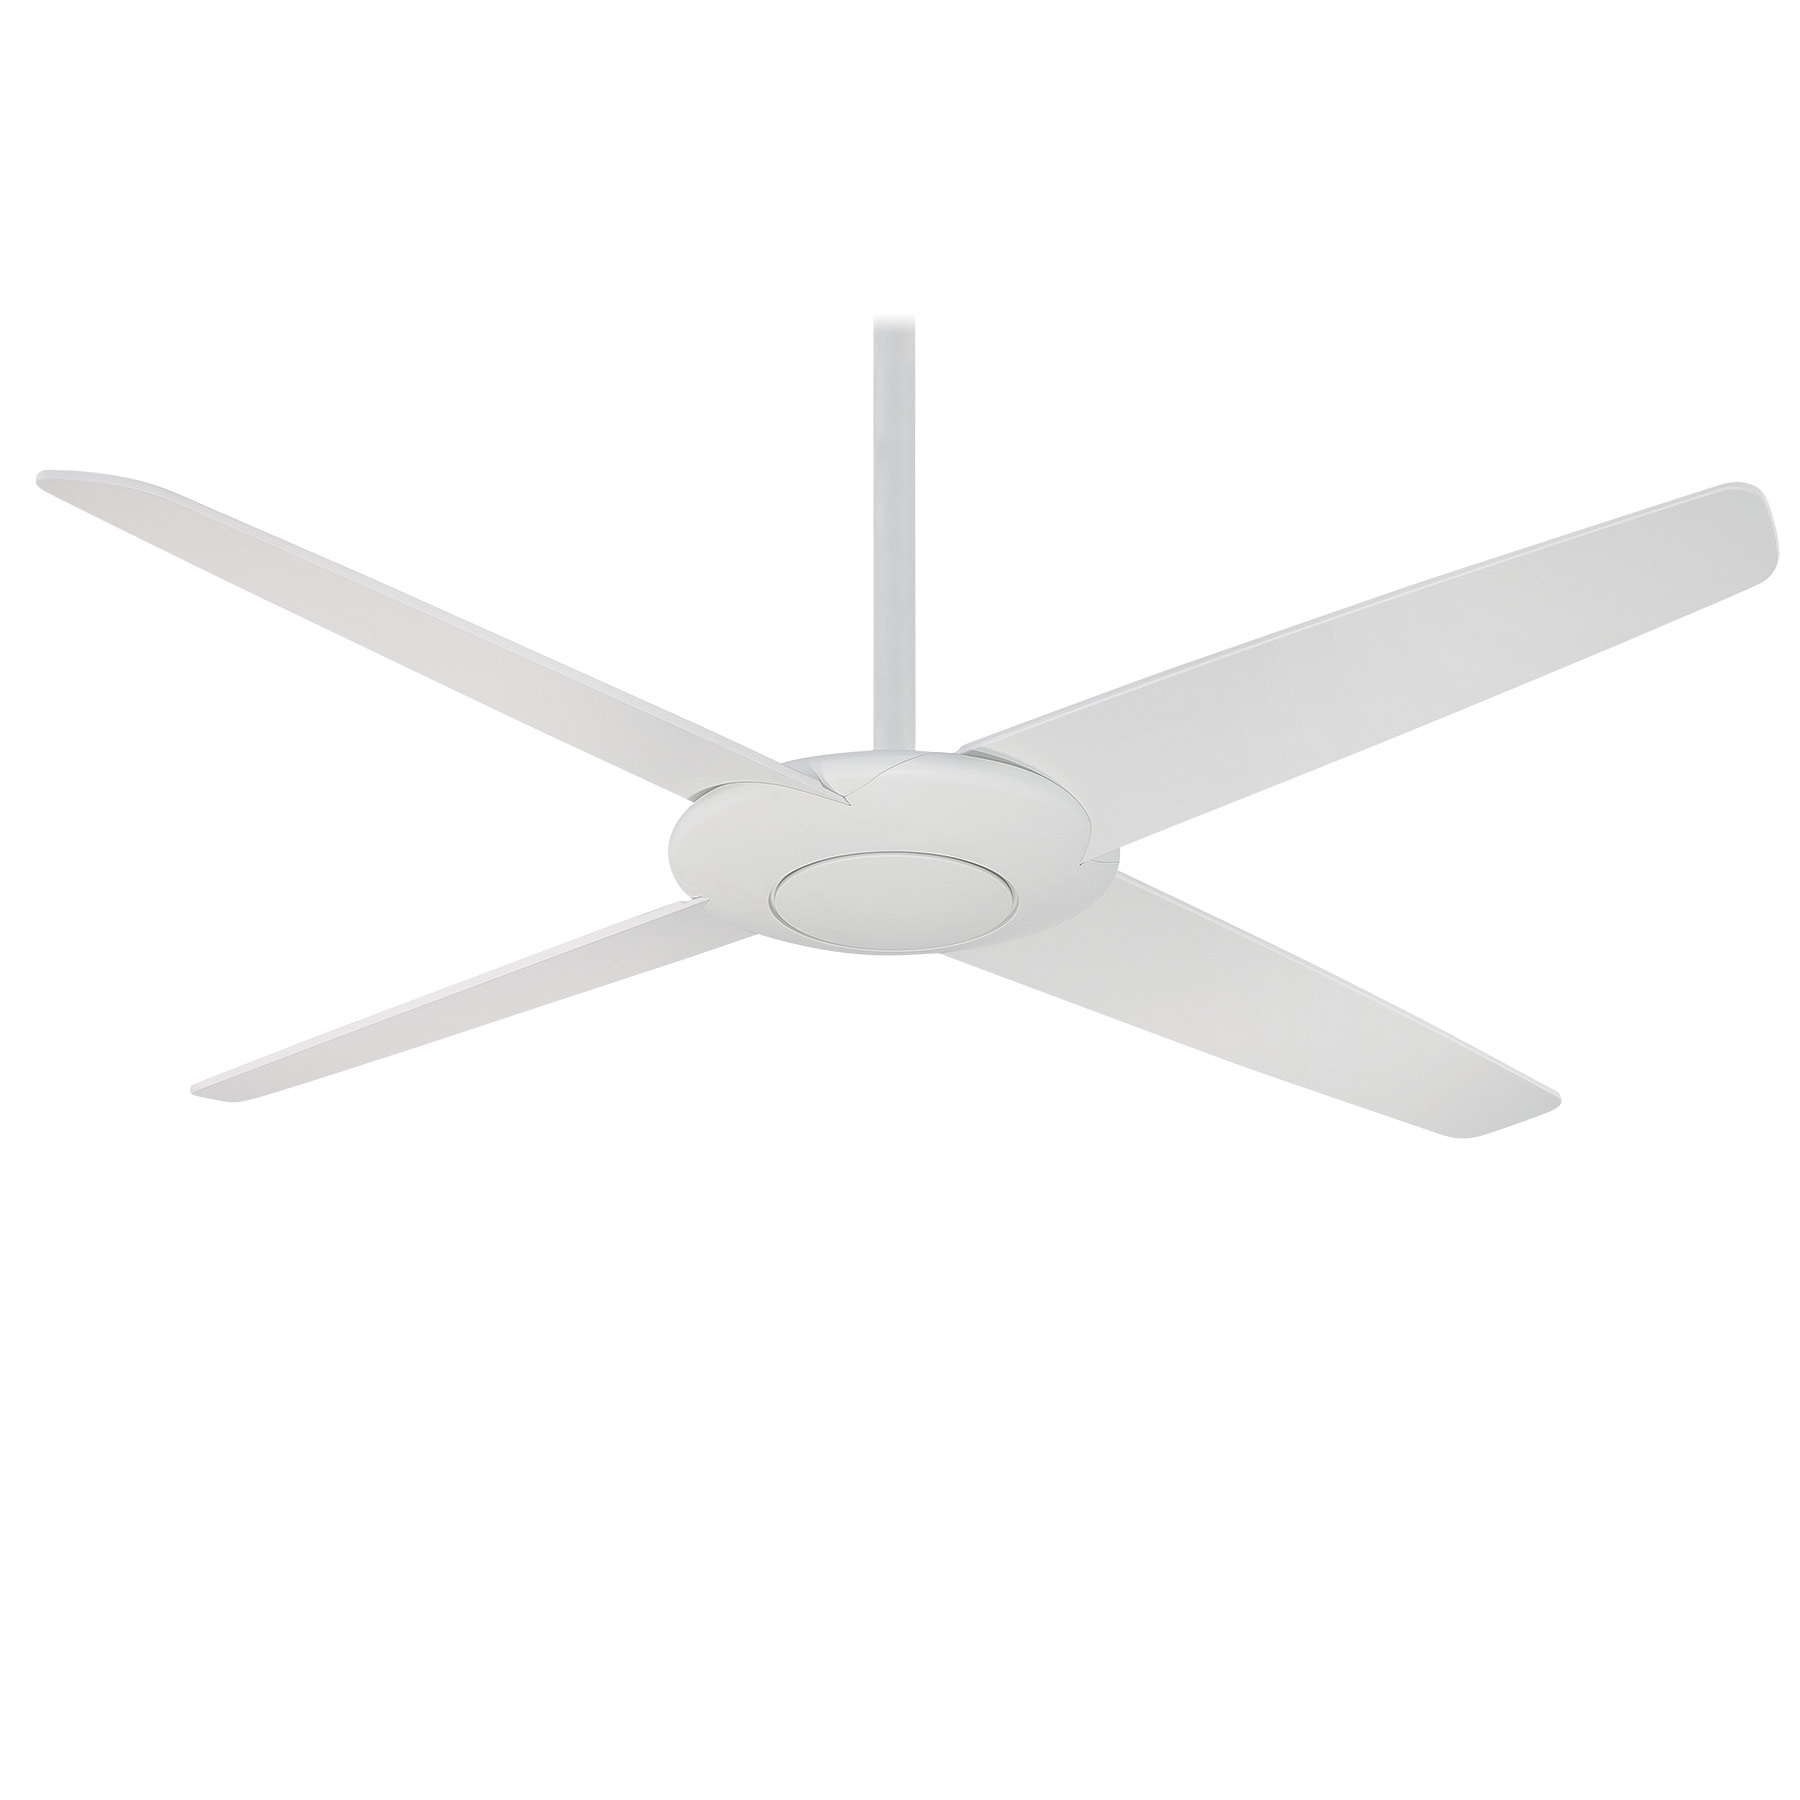 Ceiling Fan By Minka Aire F738 Whf